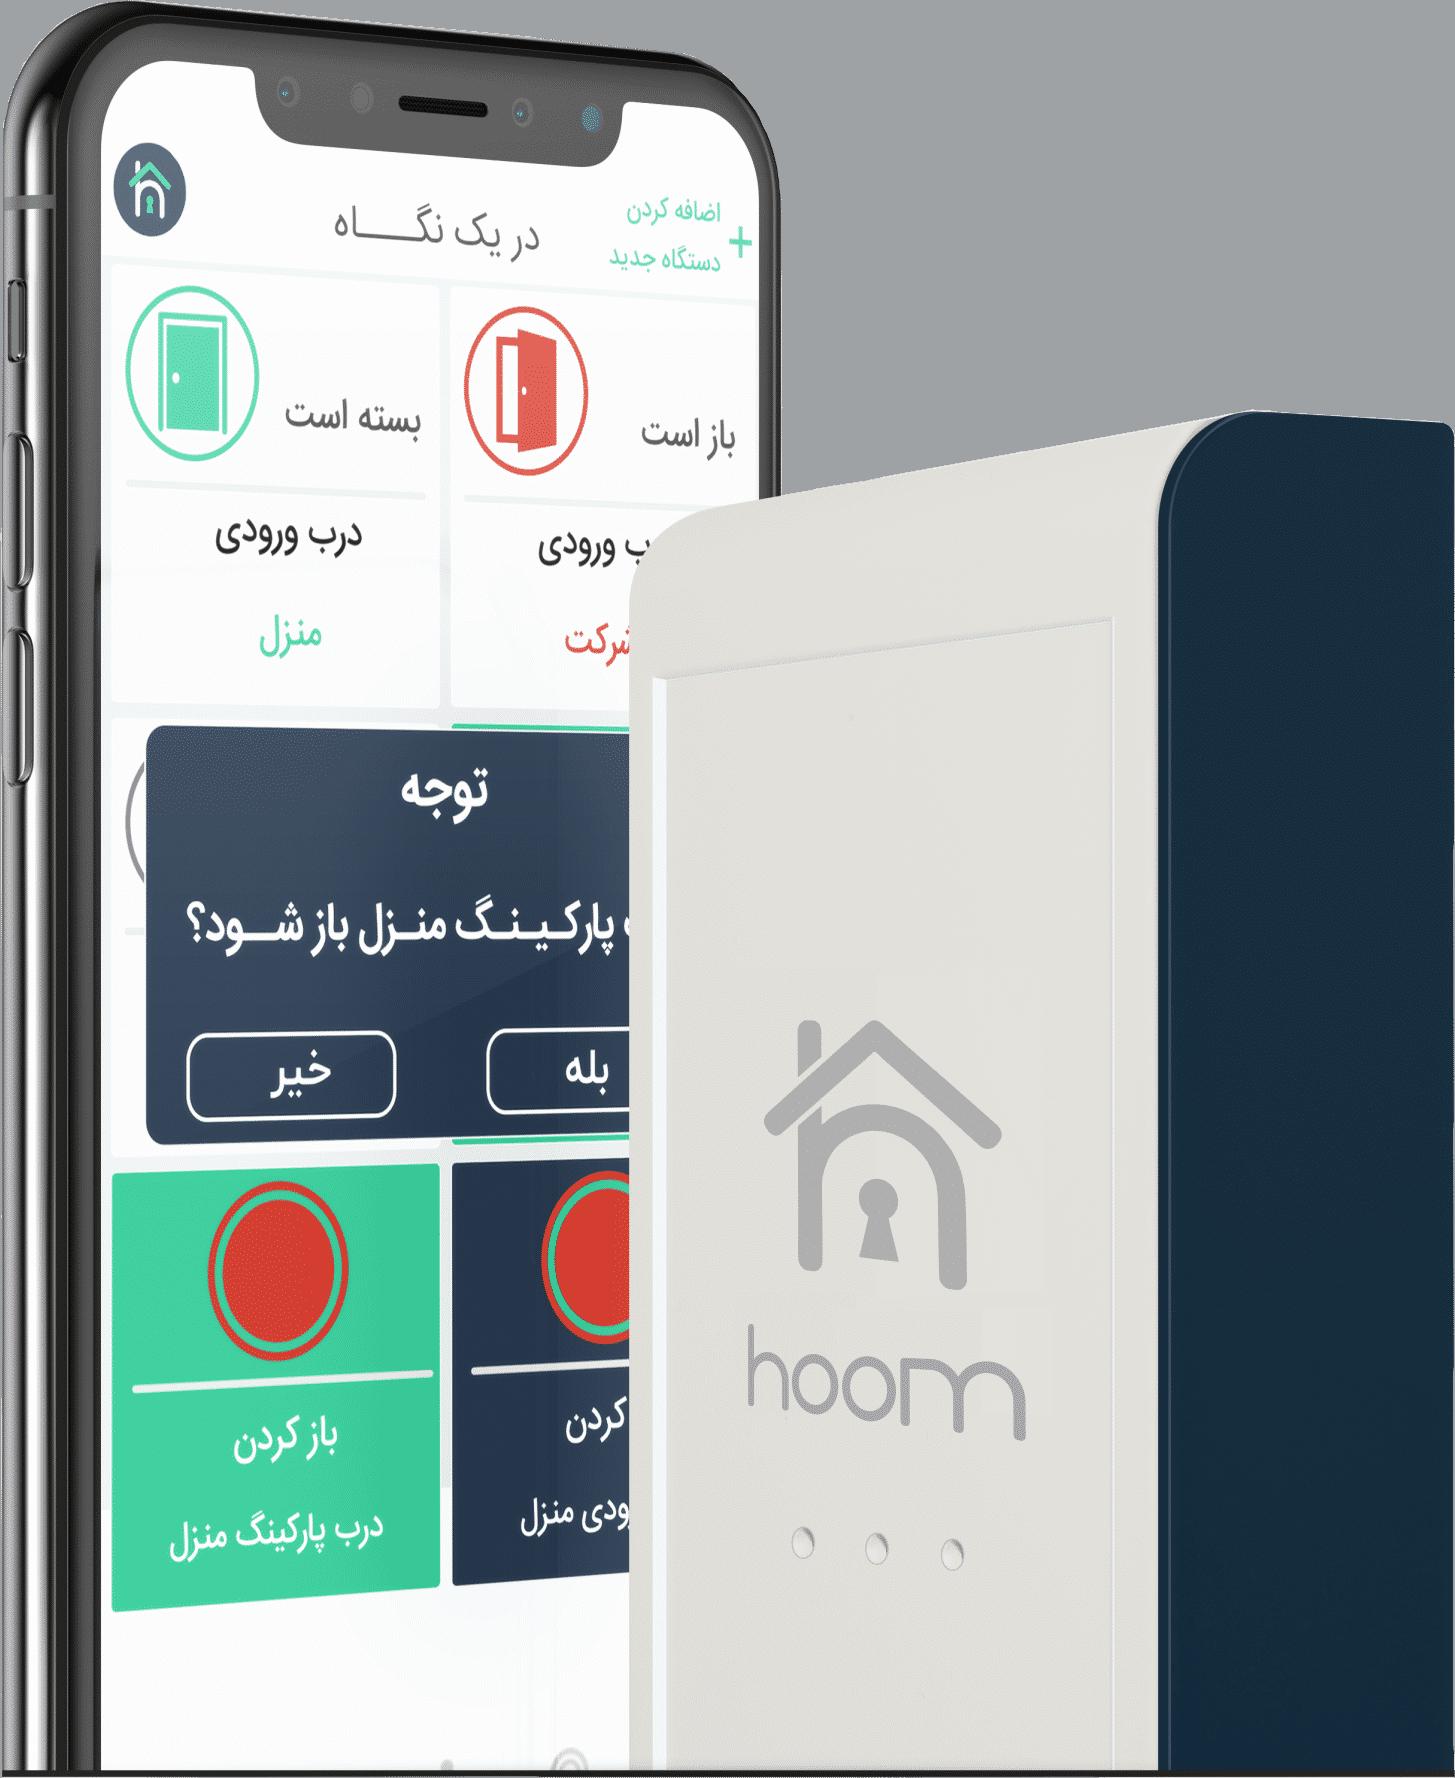 سیموت بتا - در باز کن سیم کارتی | ایران فیدار